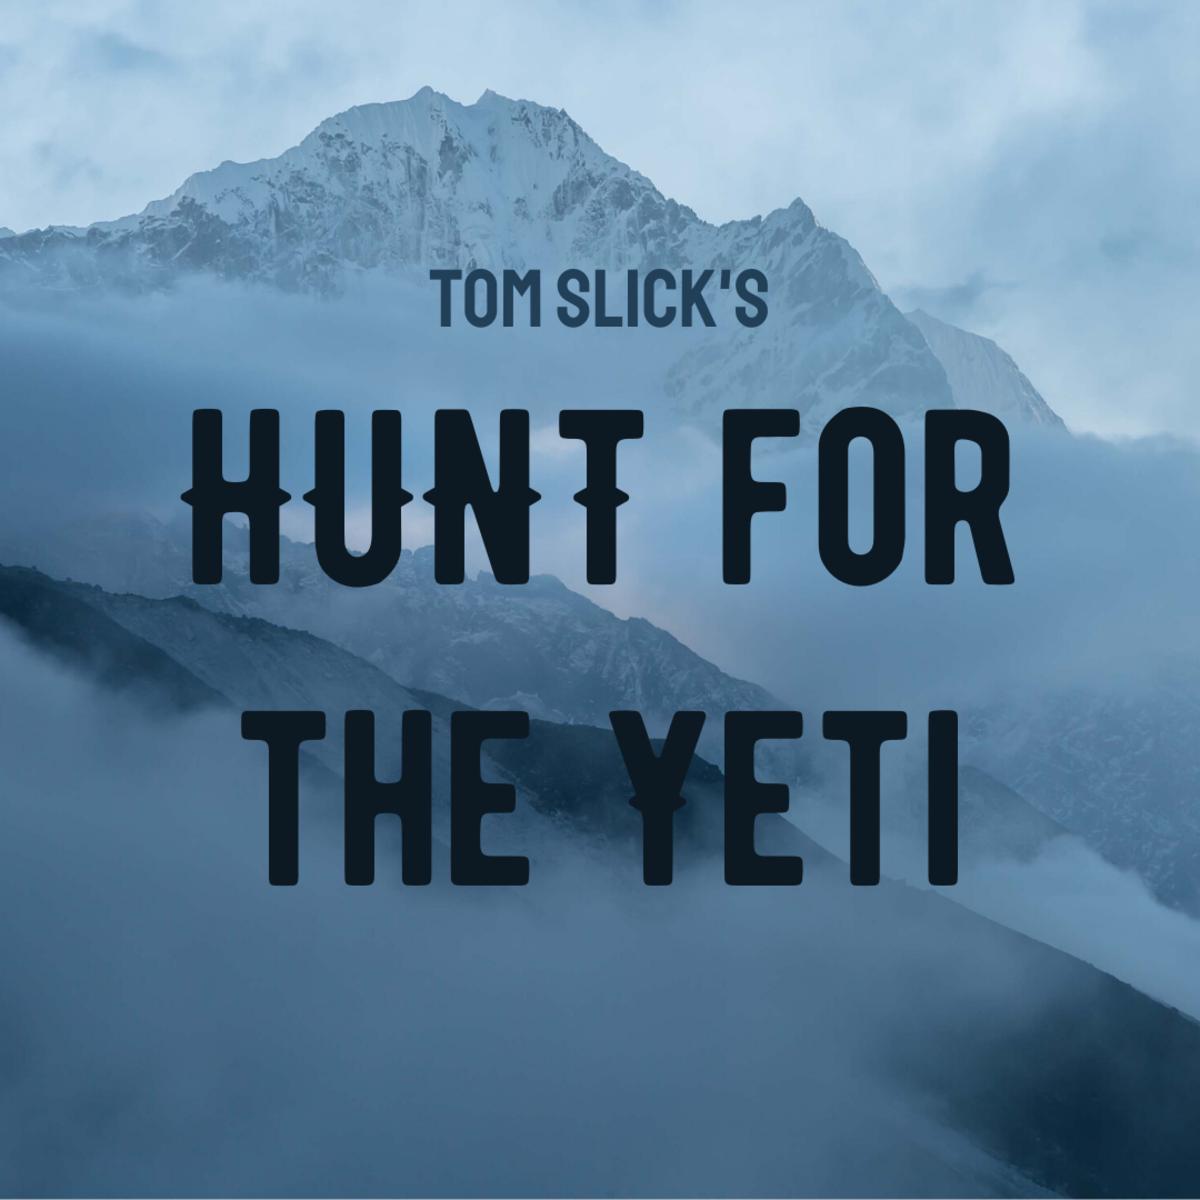 Tom Slick: Millionaire Yeti Hunter